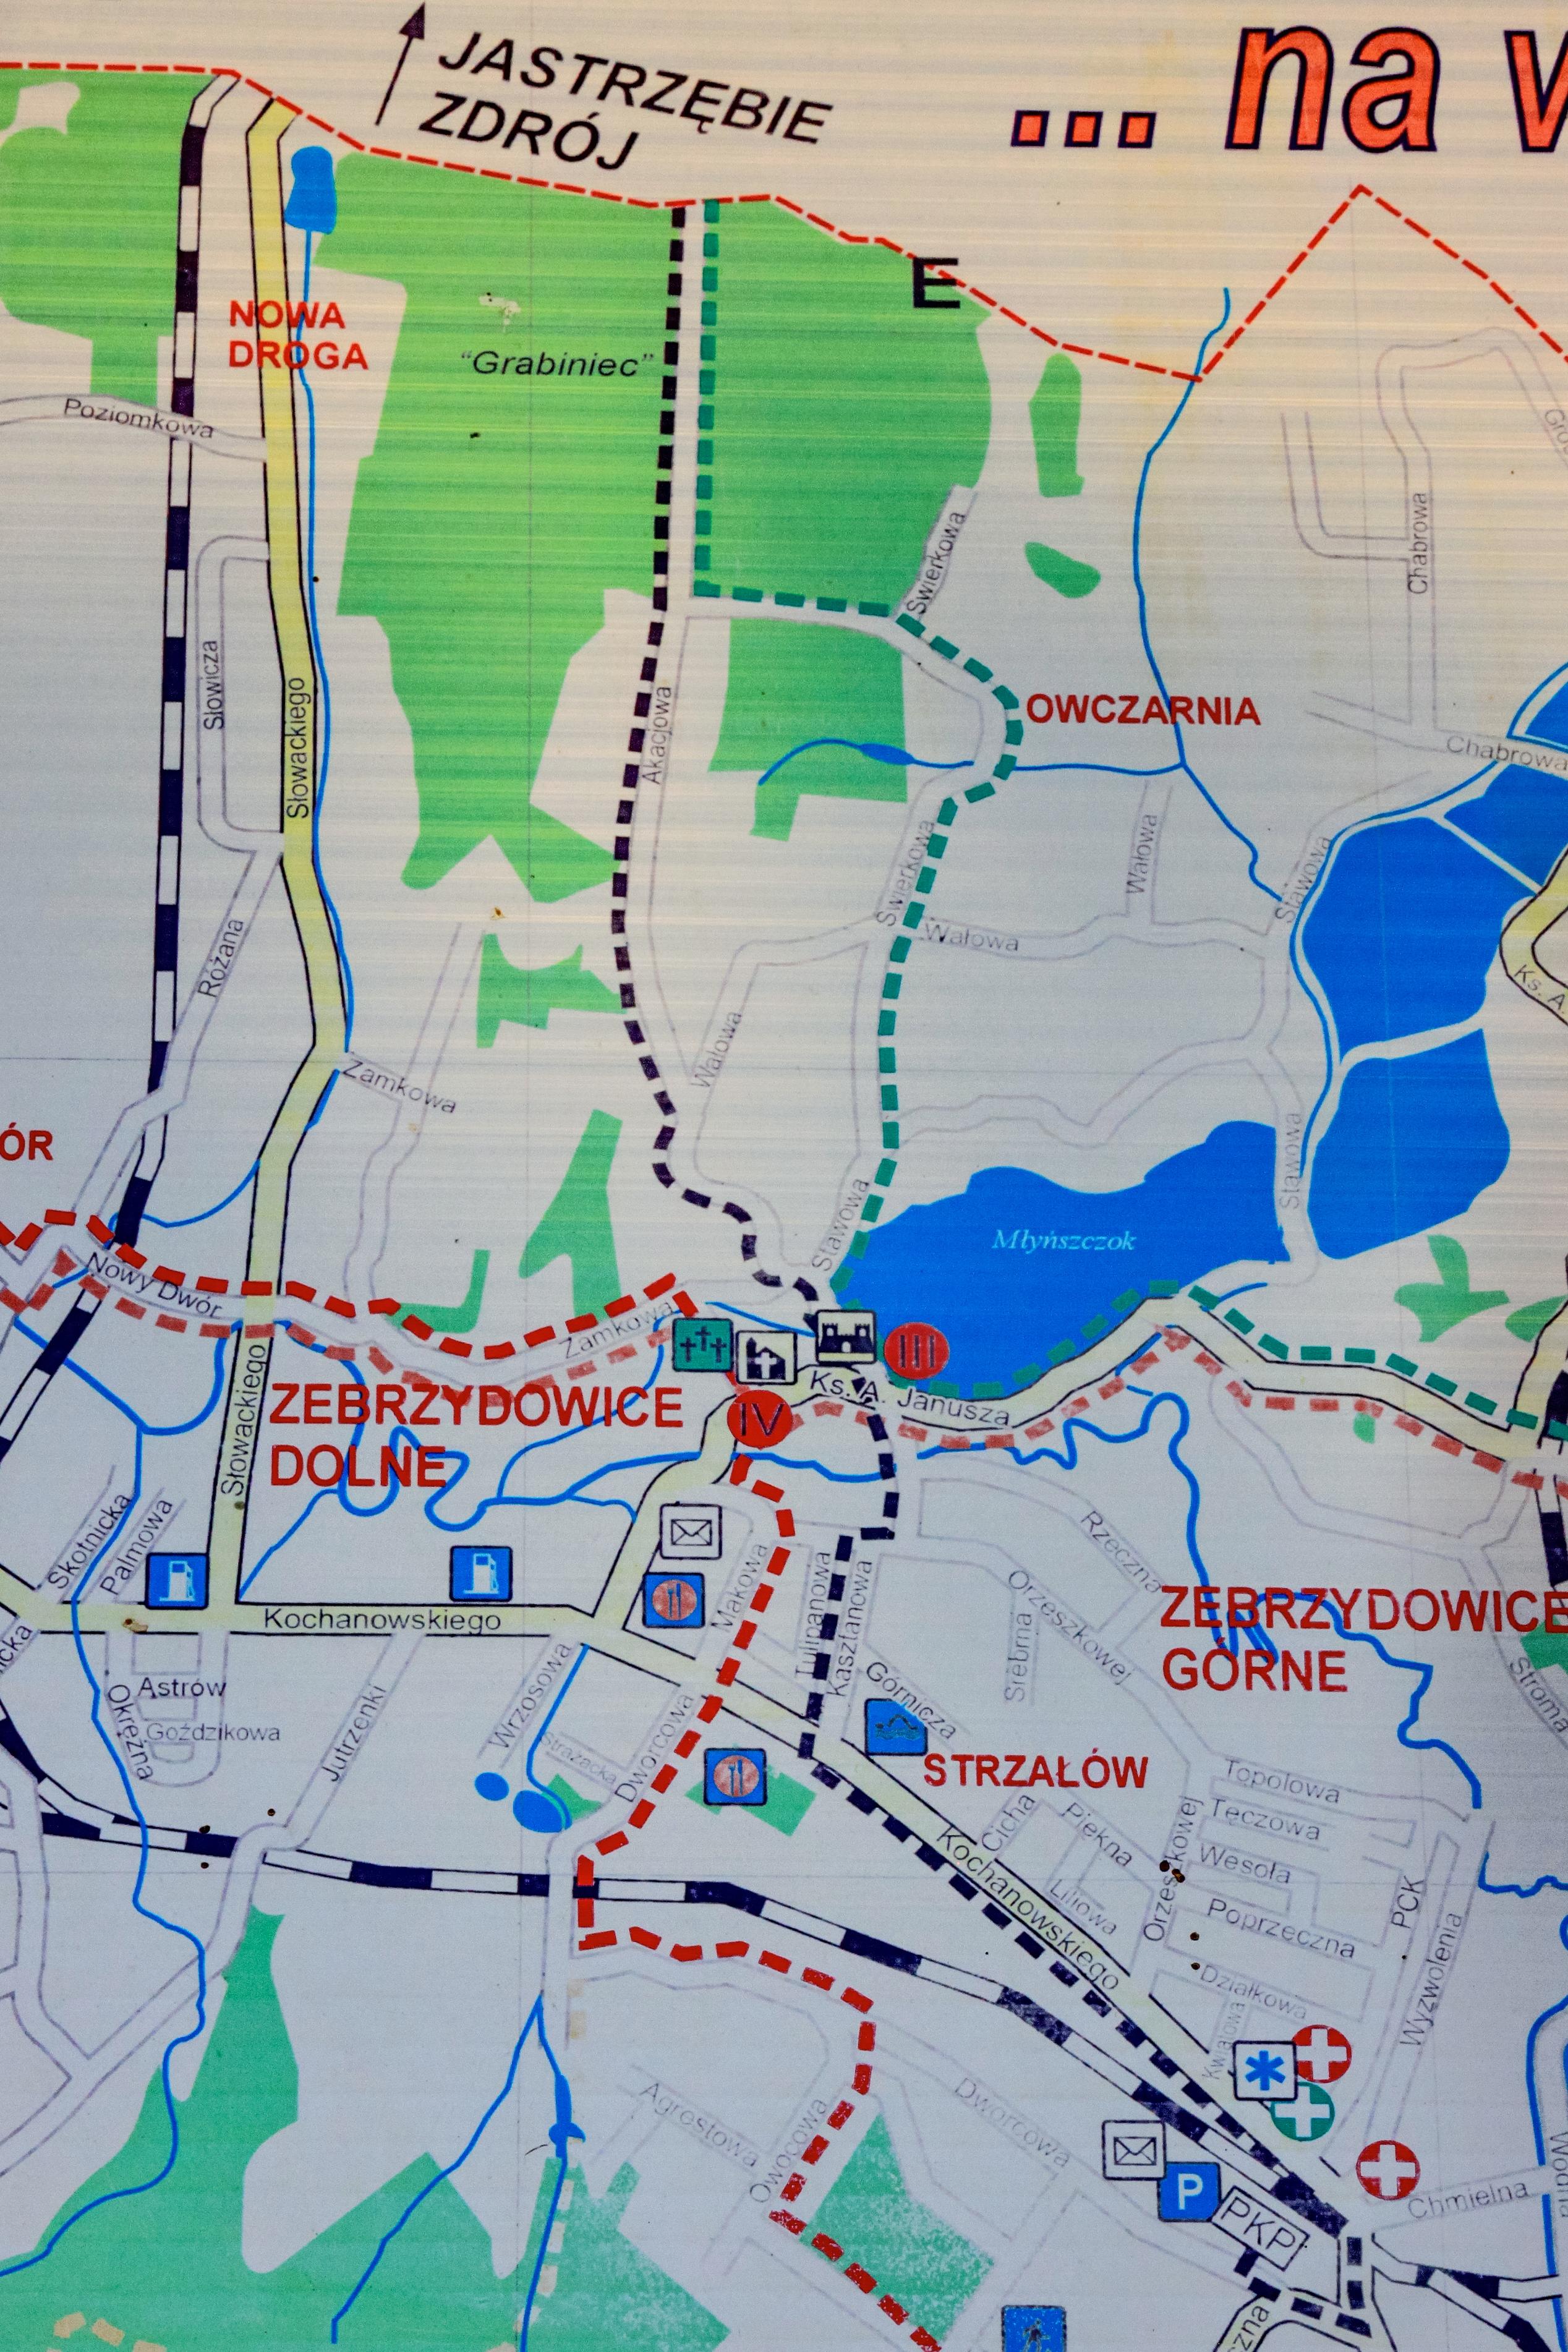 File 2012 Powiat Cieszynski Marklowice Gorne Mapa Turystyczna